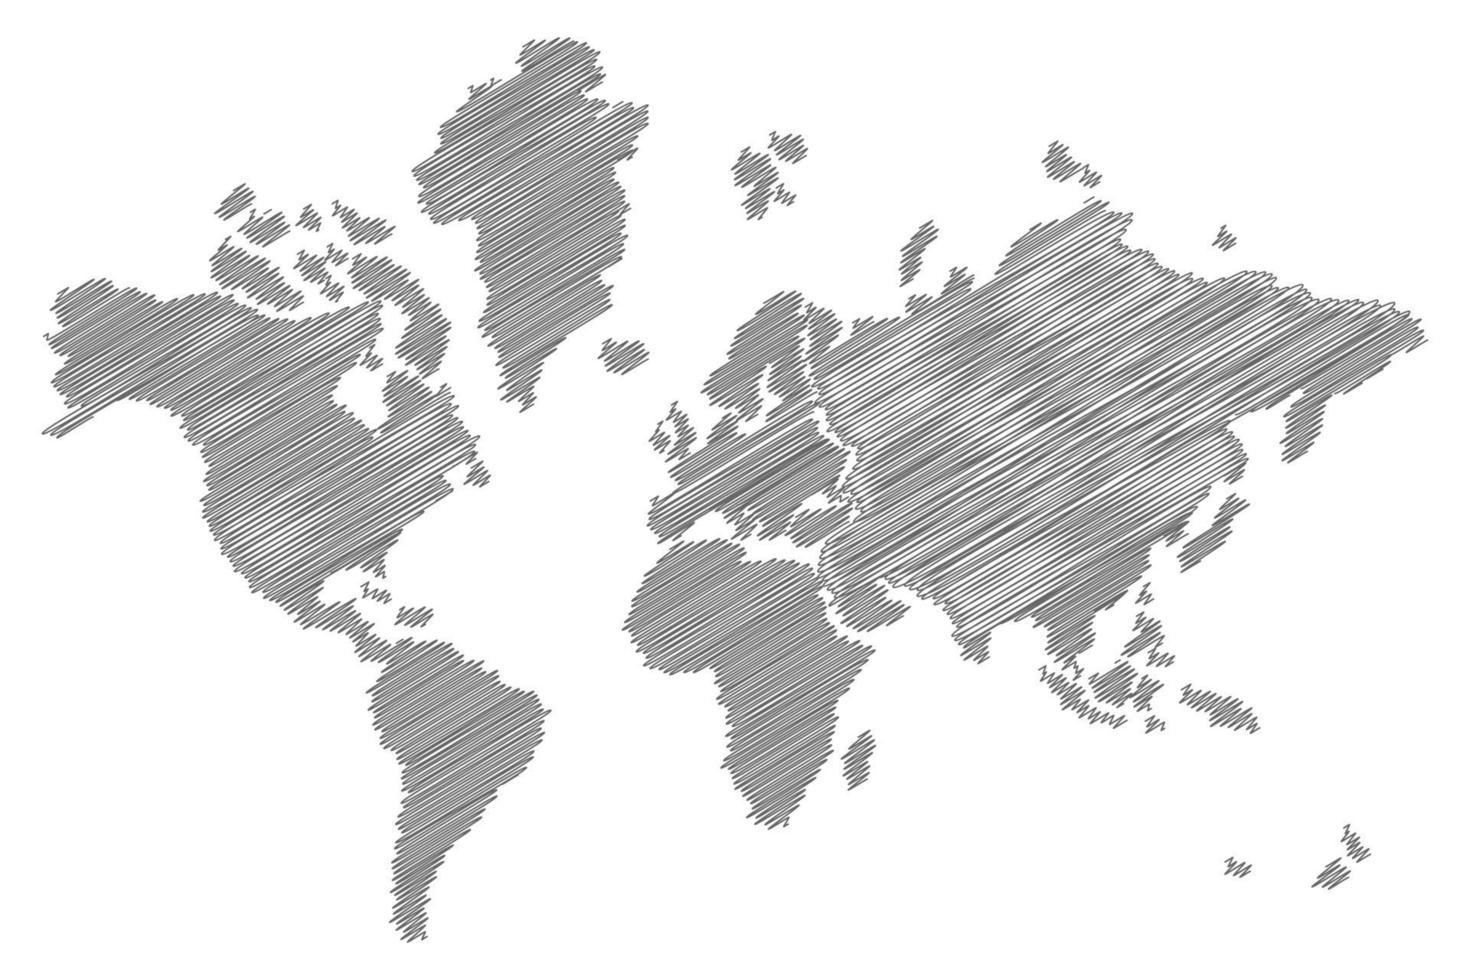 skissa världskartan vektor